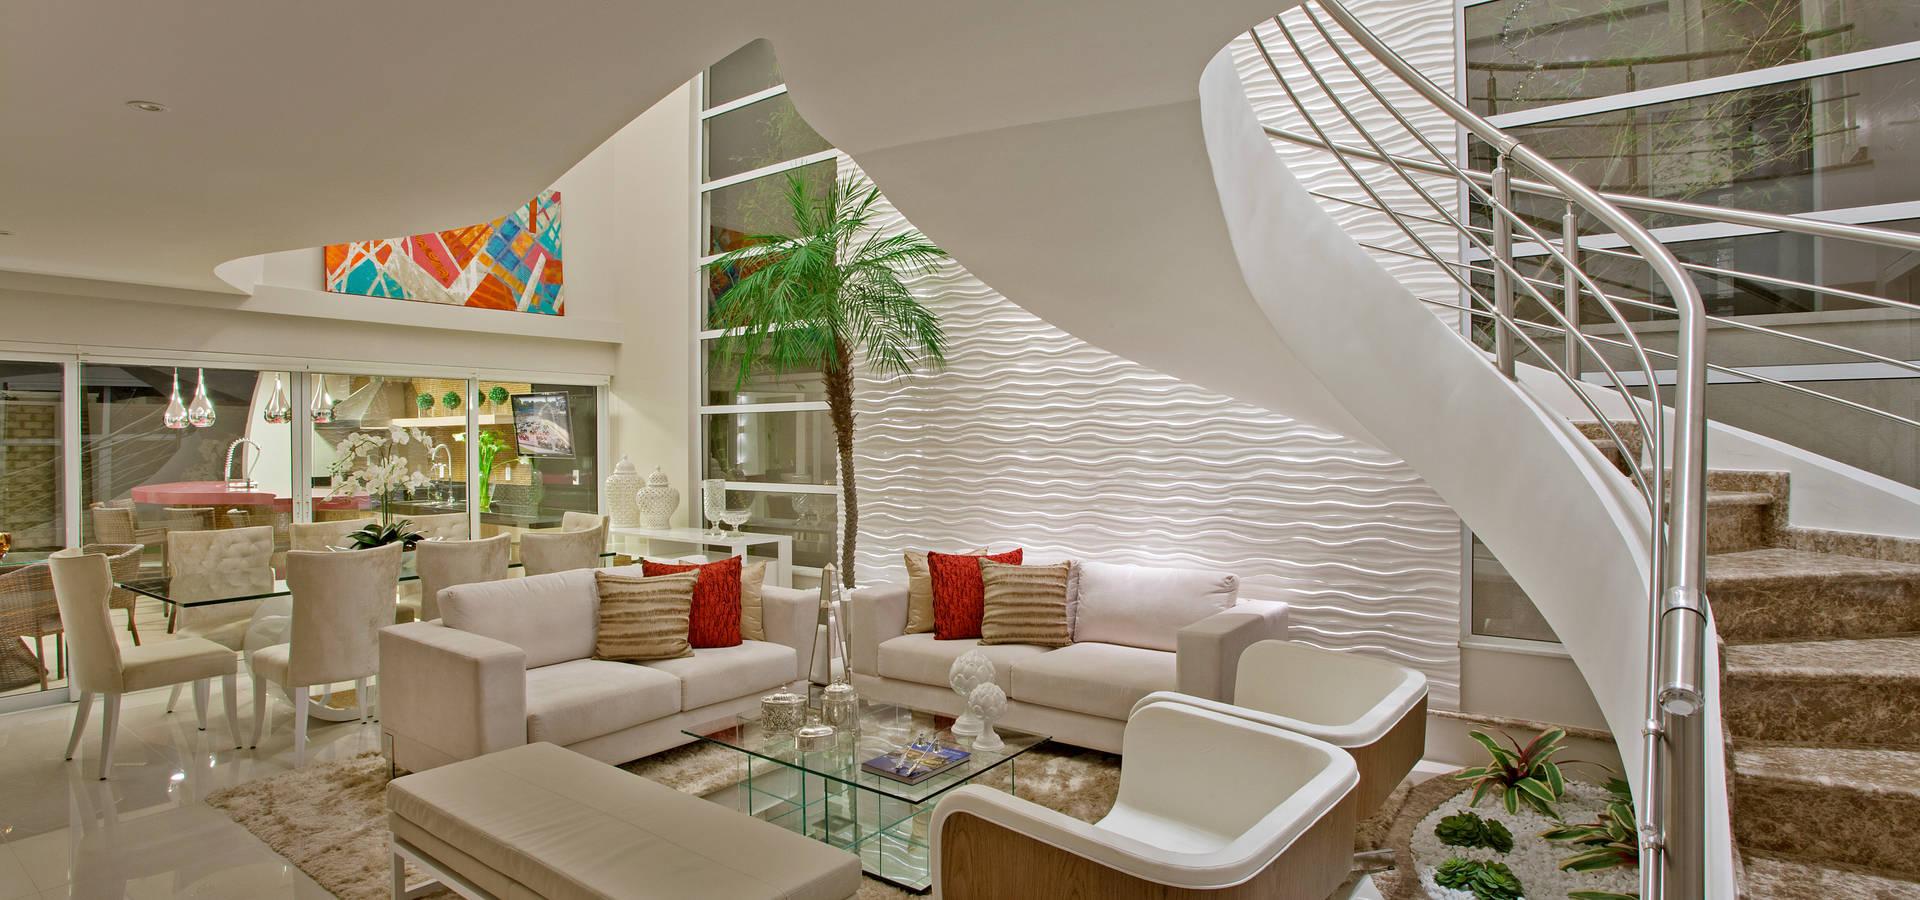 Designer de interiores e paisagista iara k laris for Decoradores de interior